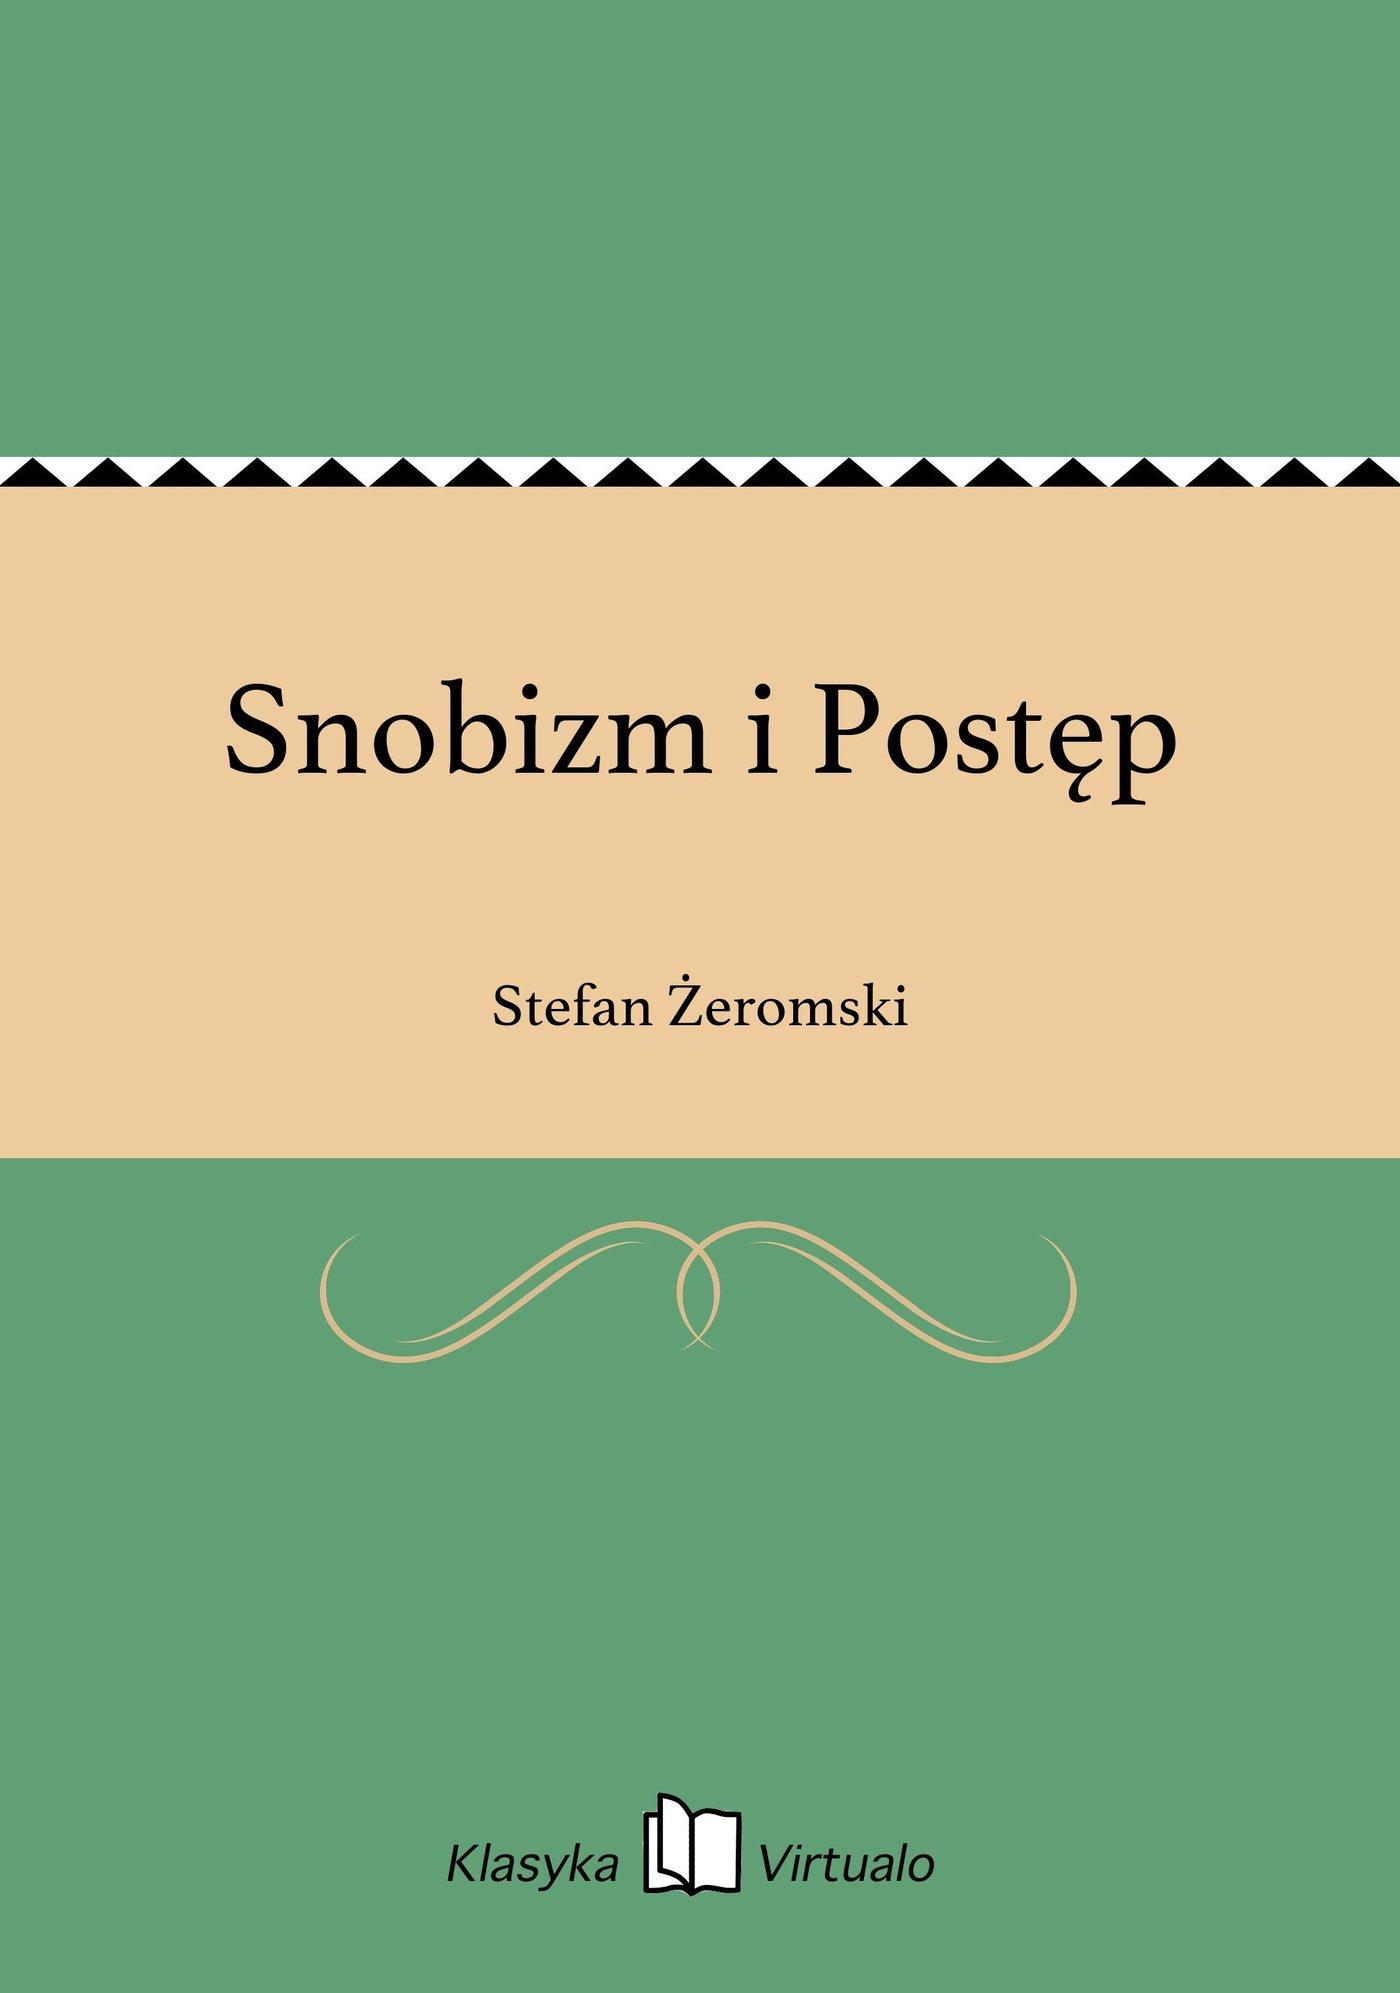 Snobizm i Postęp - Ebook (Książka EPUB) do pobrania w formacie EPUB